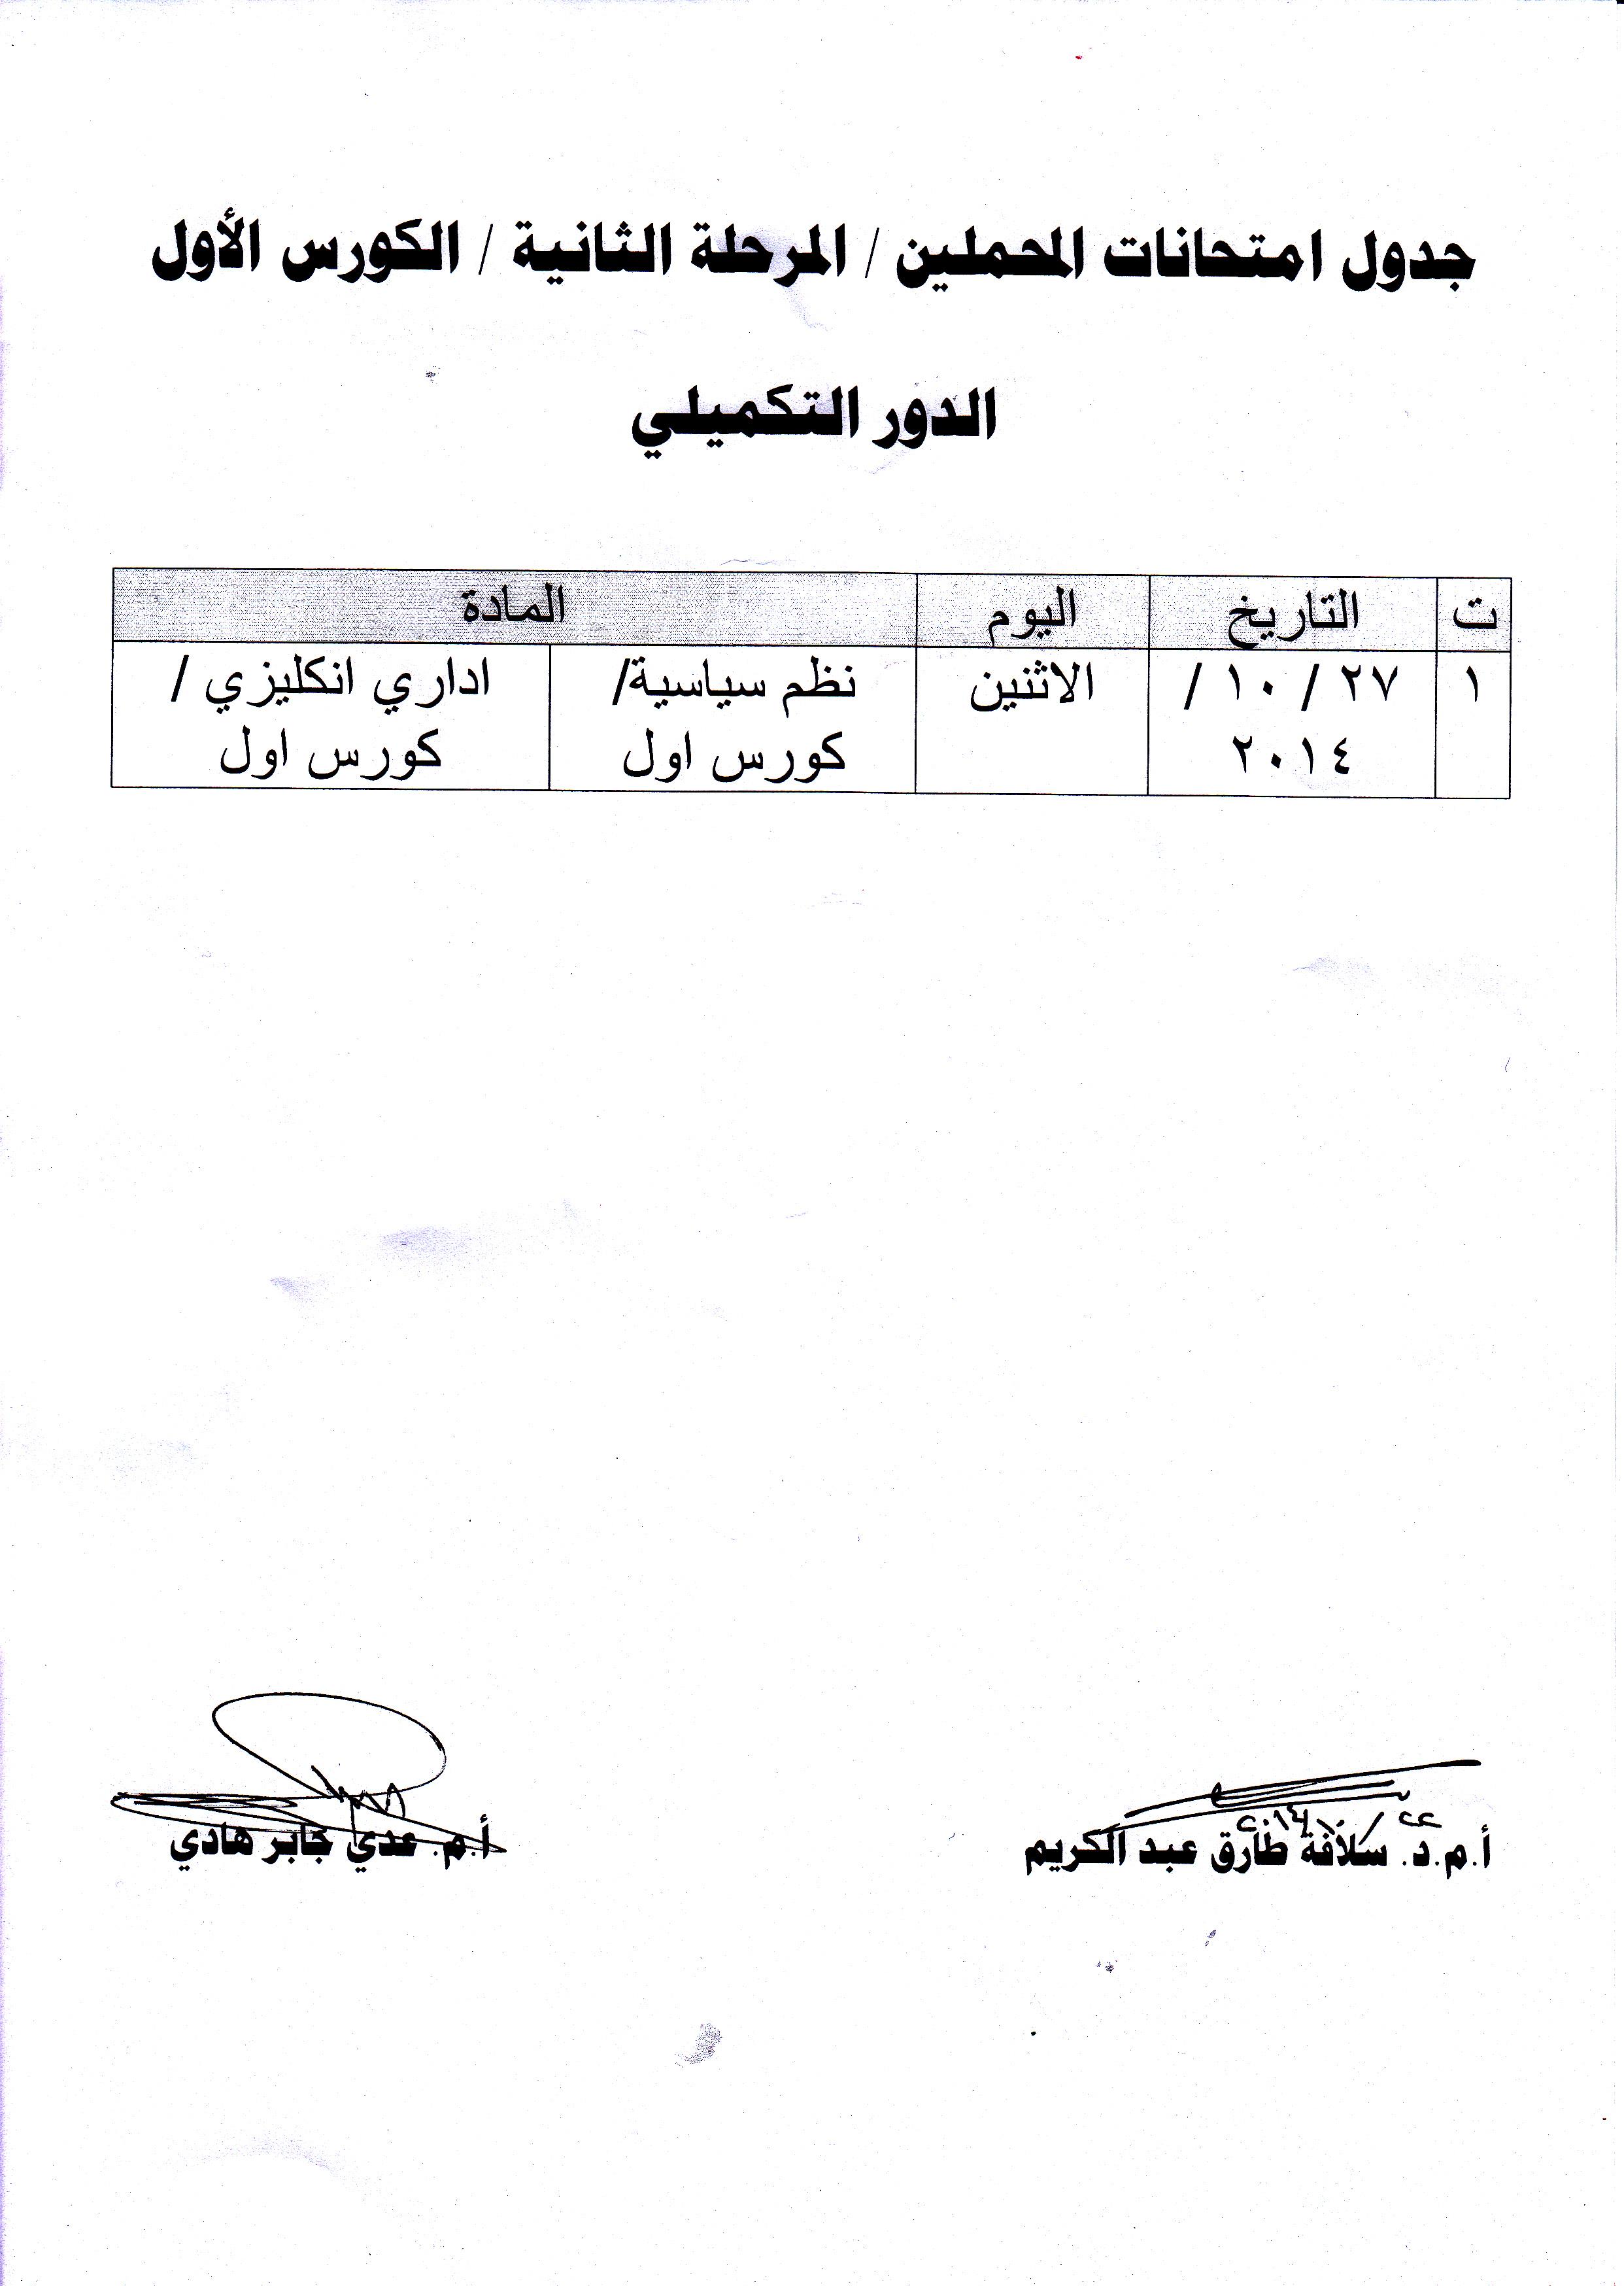 جدول امتحانات المحملين / المرحلة الثانية / الكورس الأول الدور التكميلي